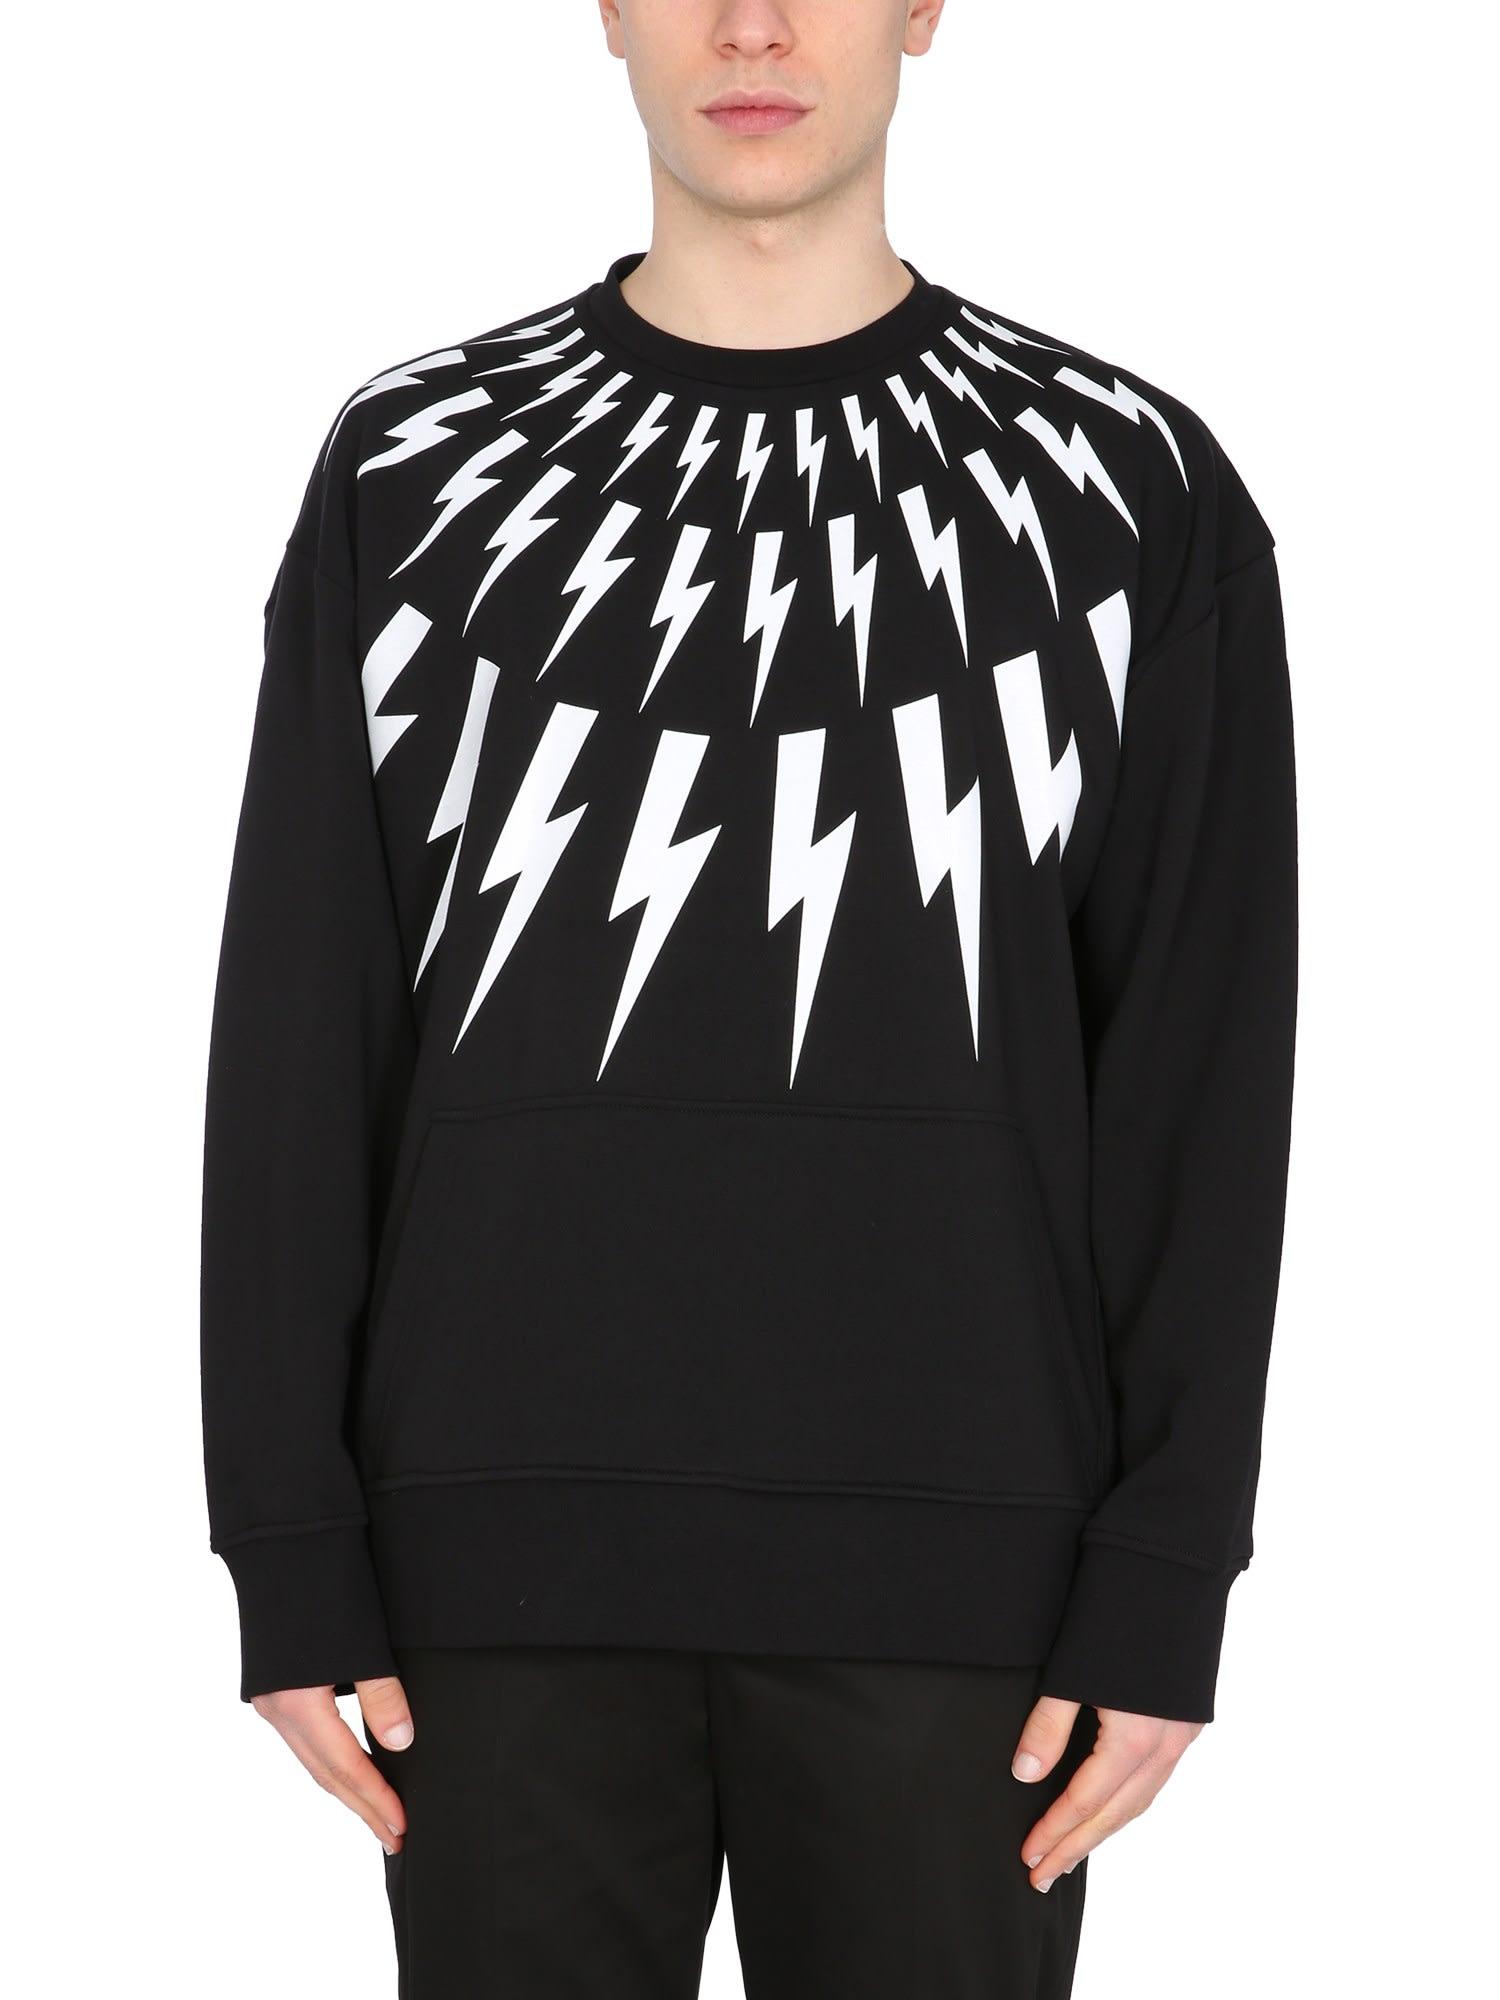 Neil Barrett Sweatshirts FAIR ISLE THUNDERBOLT SWEATSHIRT